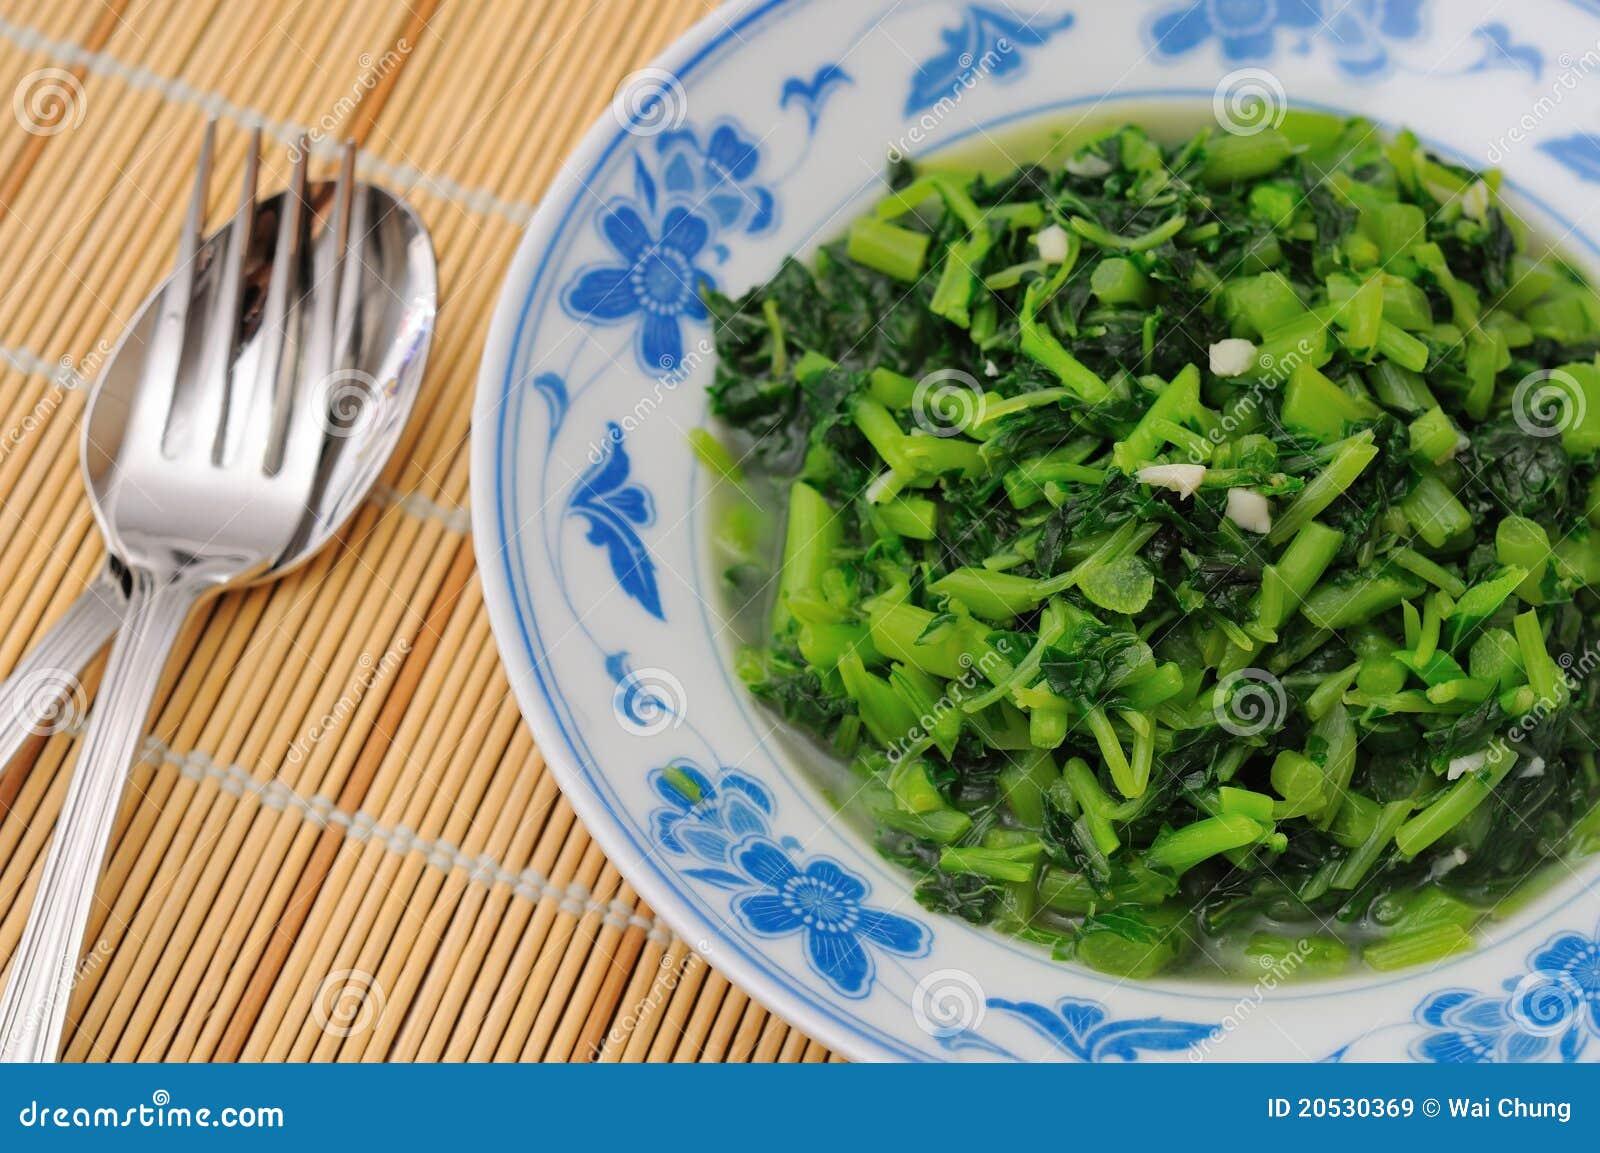 cucina sana e nutriente immagini stock libere da diritti